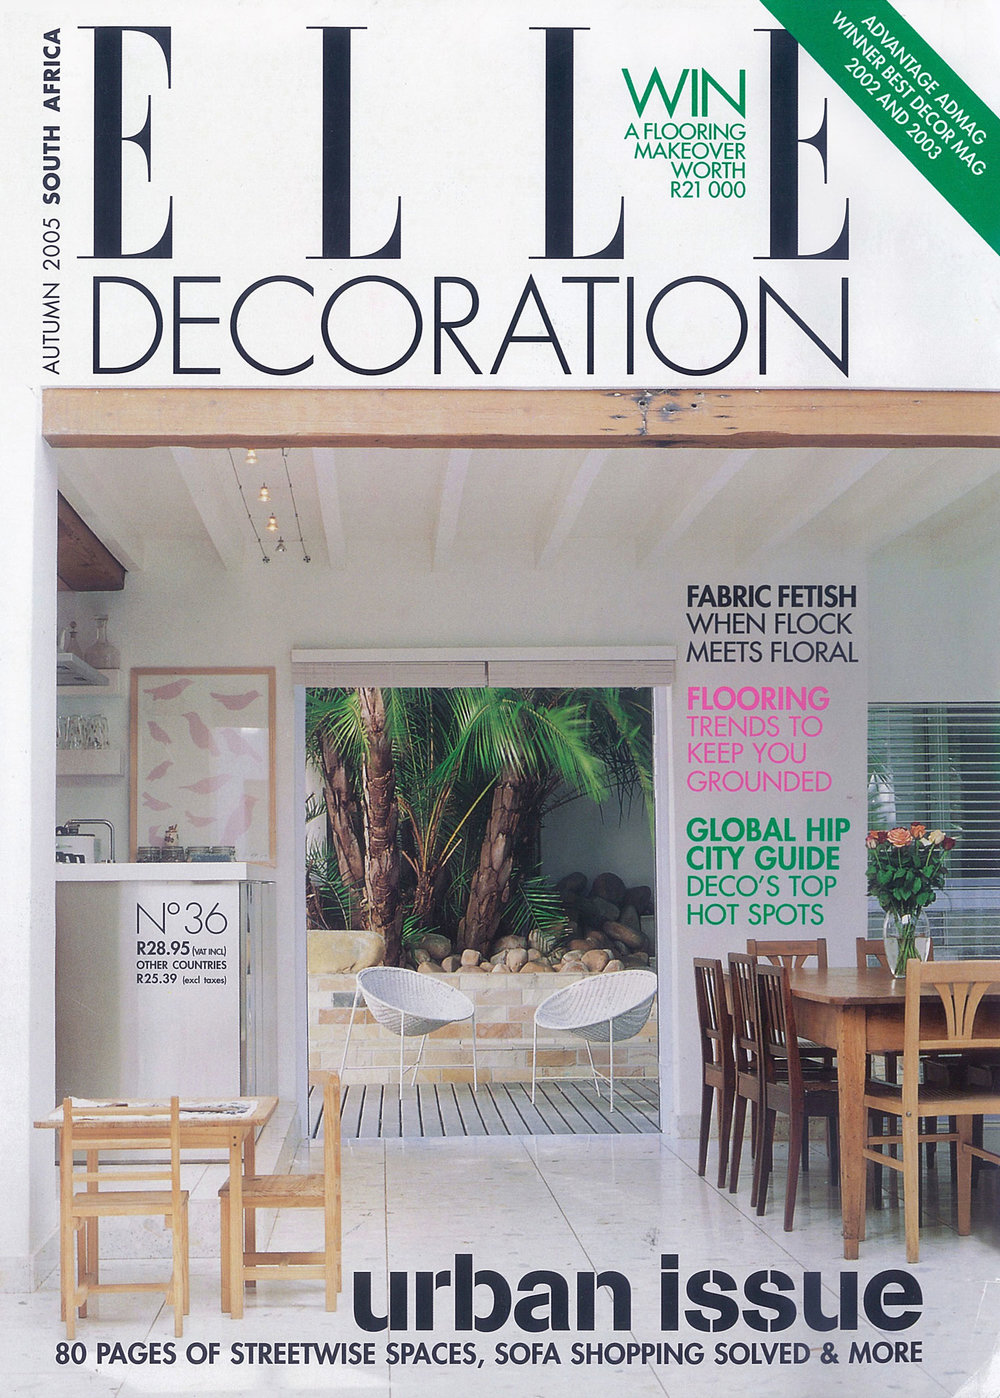 House-Cullum-Elle-Urban-issue-(1a).jpg